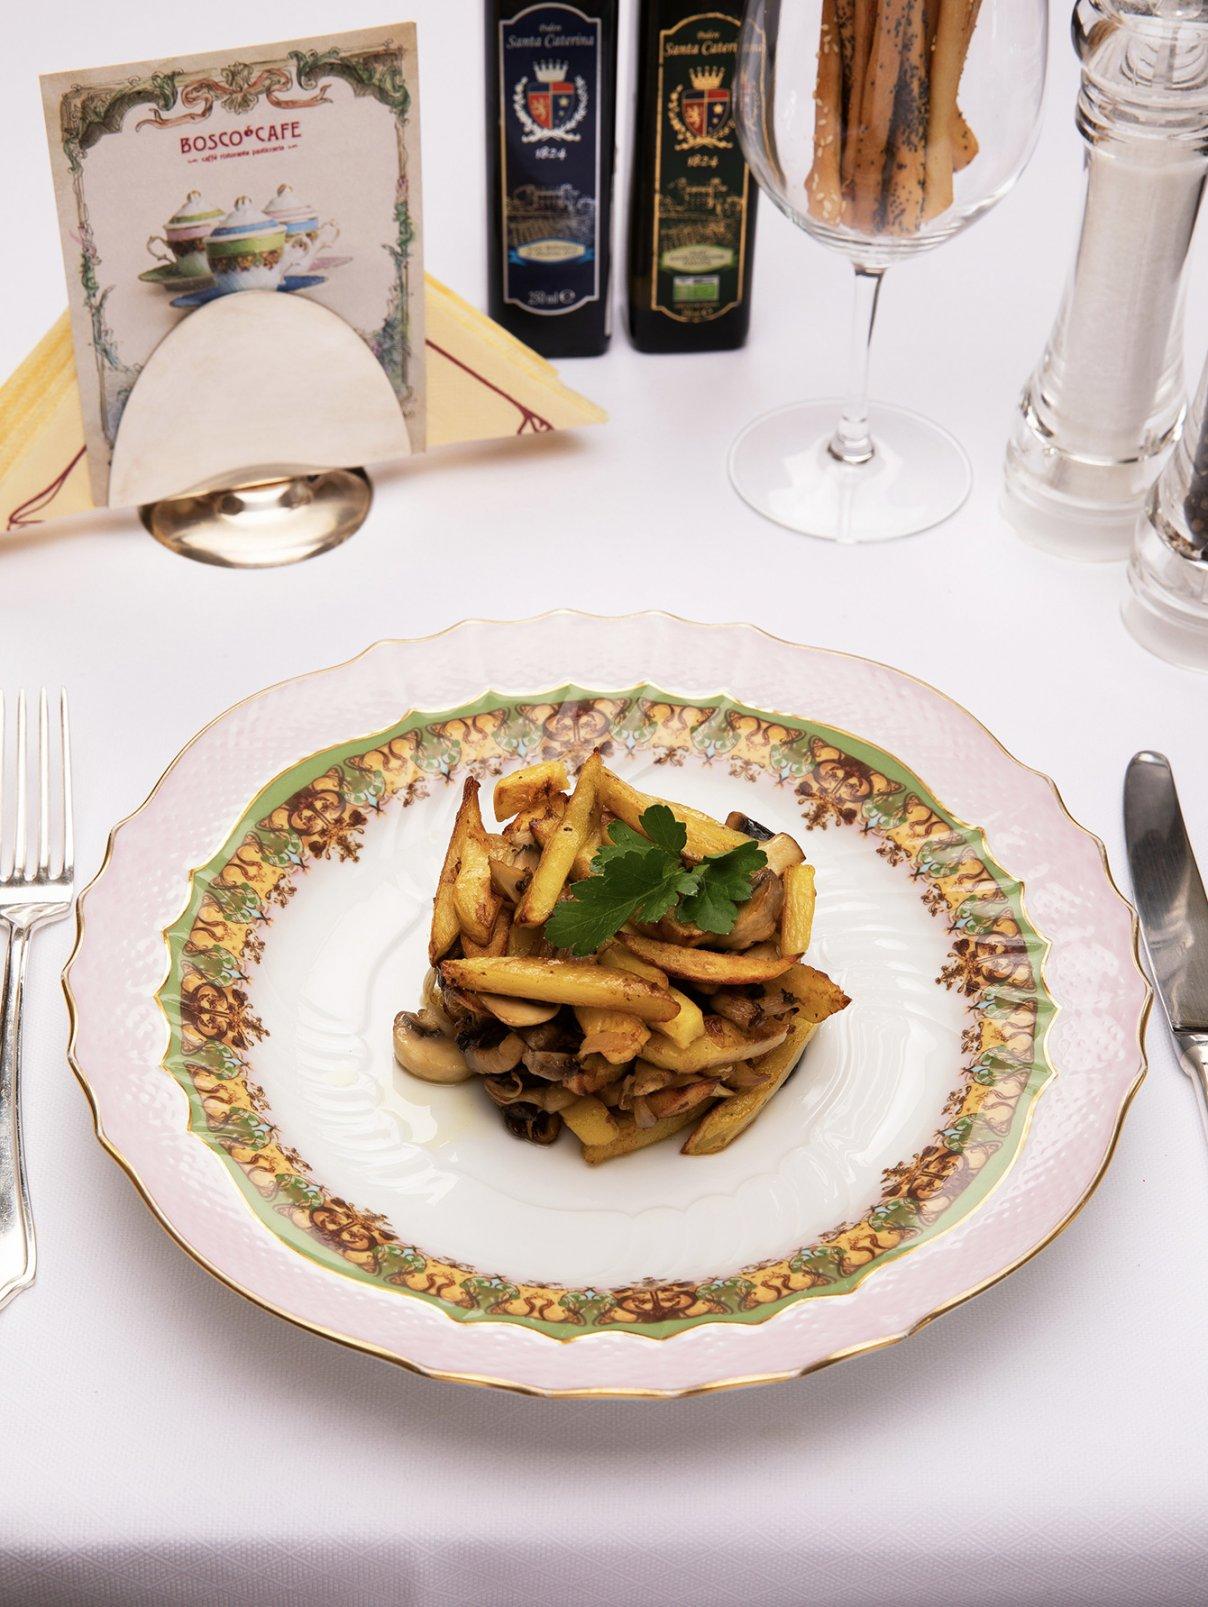 Картофель по-деревенски с грибами BoscoCafe  –  Общий вид